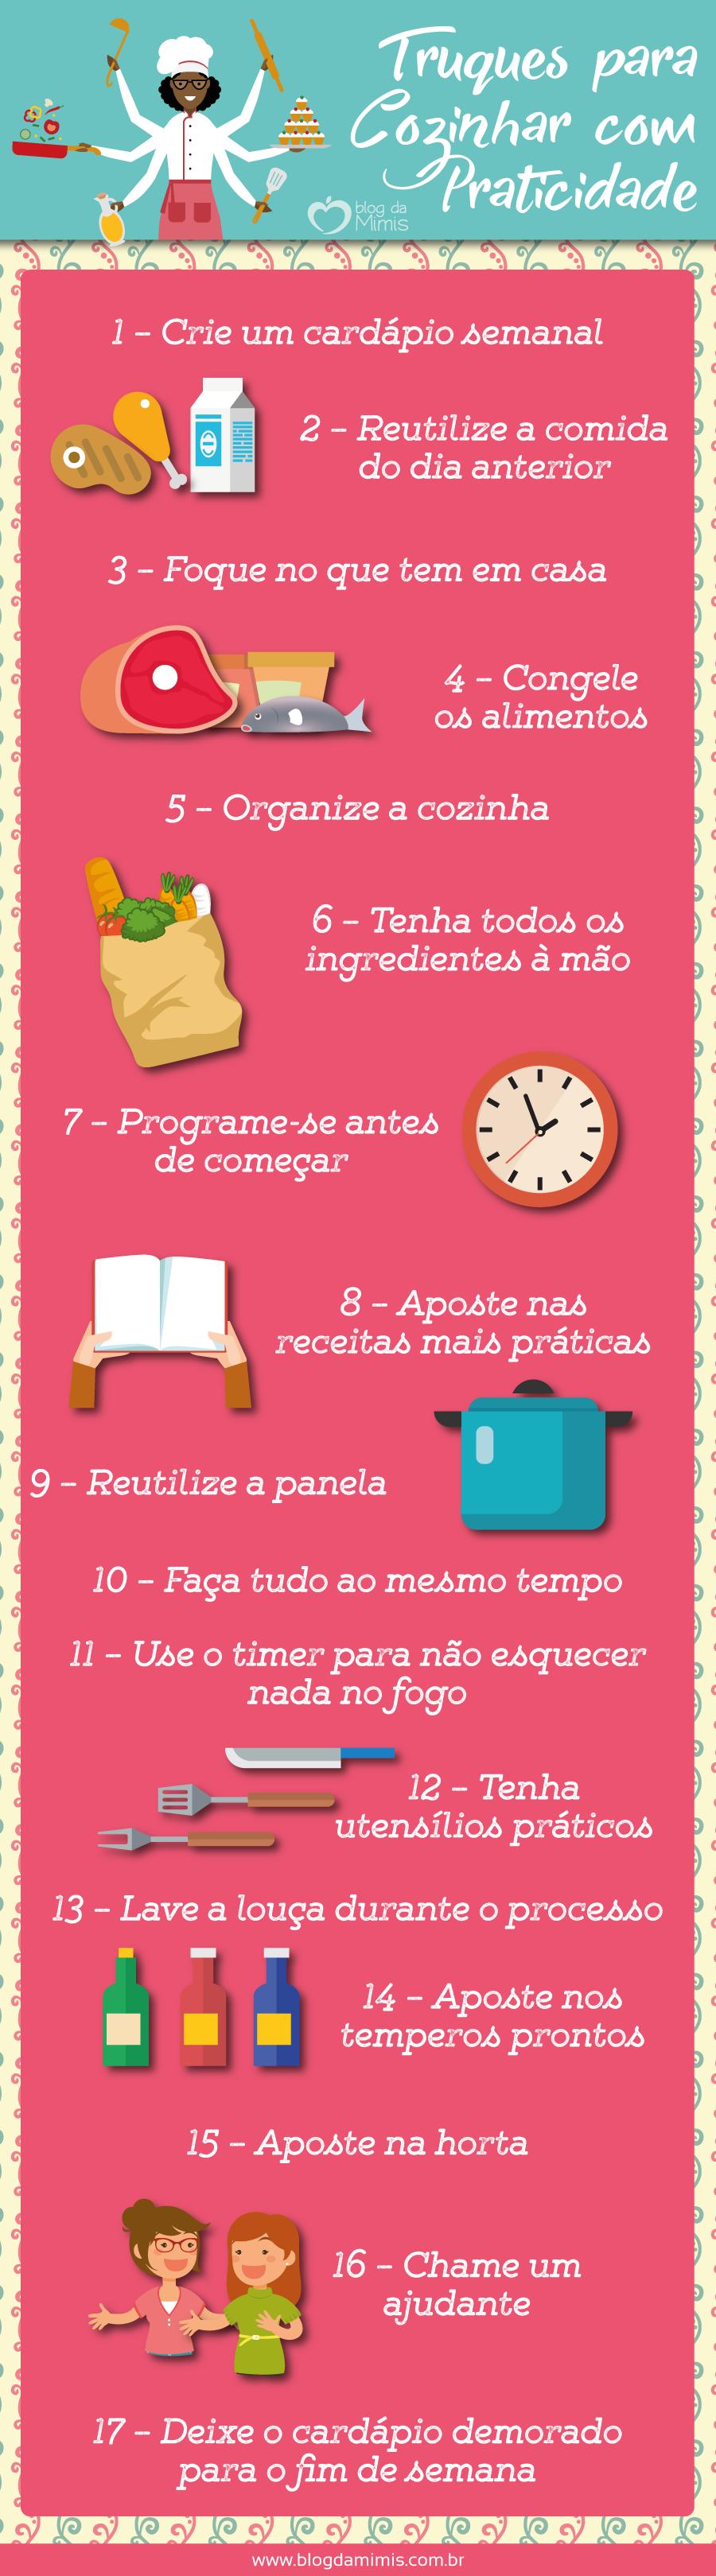 Truques-para-cozinhar-praticidade-blog-da-mimis-michelle-franzoni-post